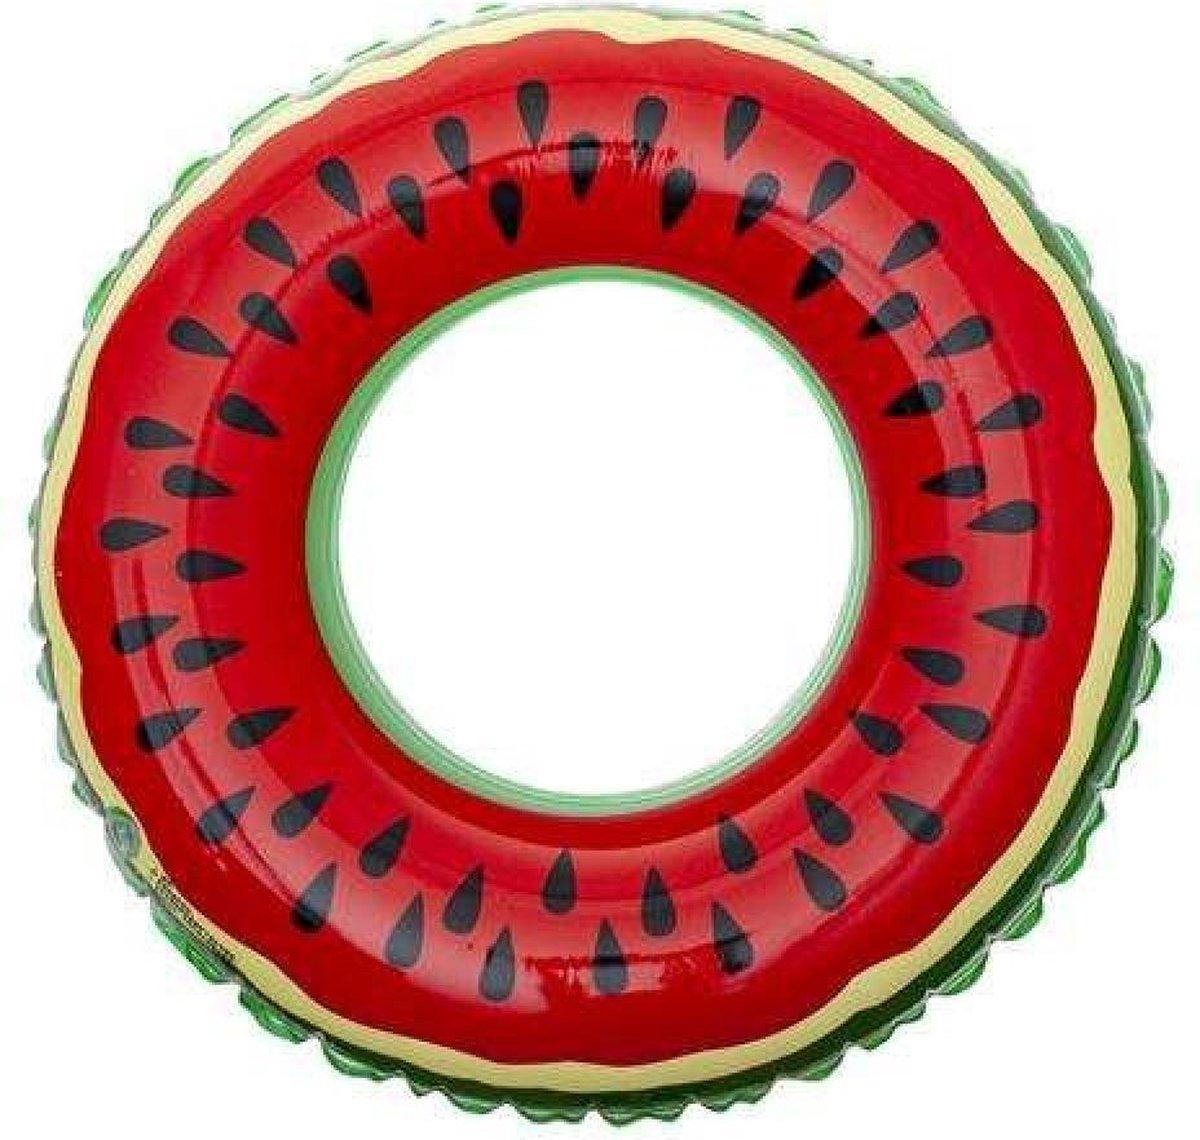 Watermeloen zwemband - [ Seizoenshit! ] 70 cm zwemband